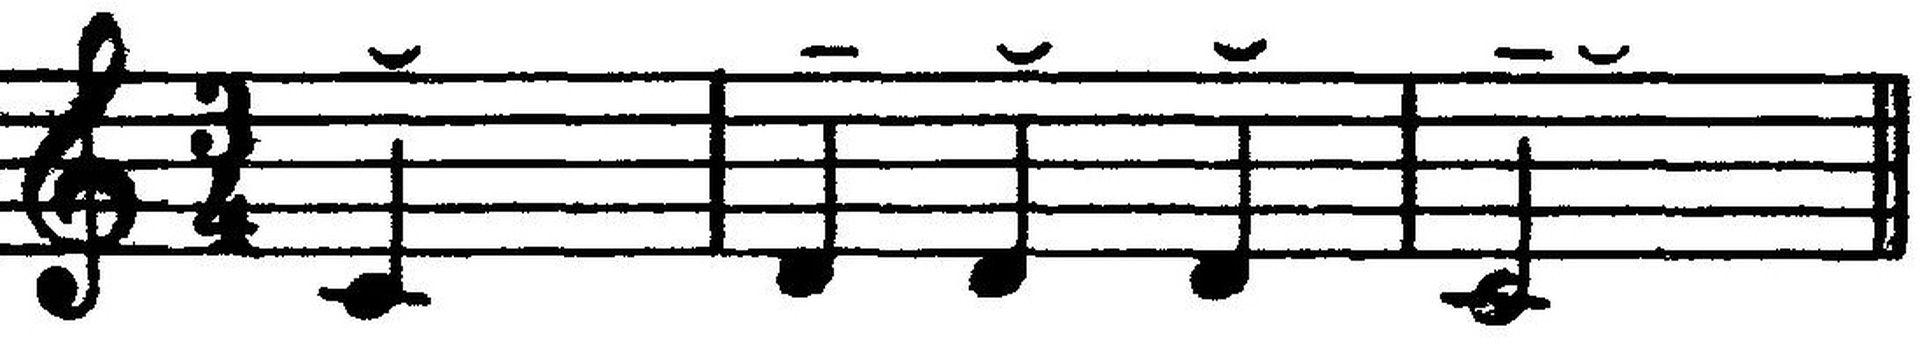 Музыкальные диктанты mp3 скачать